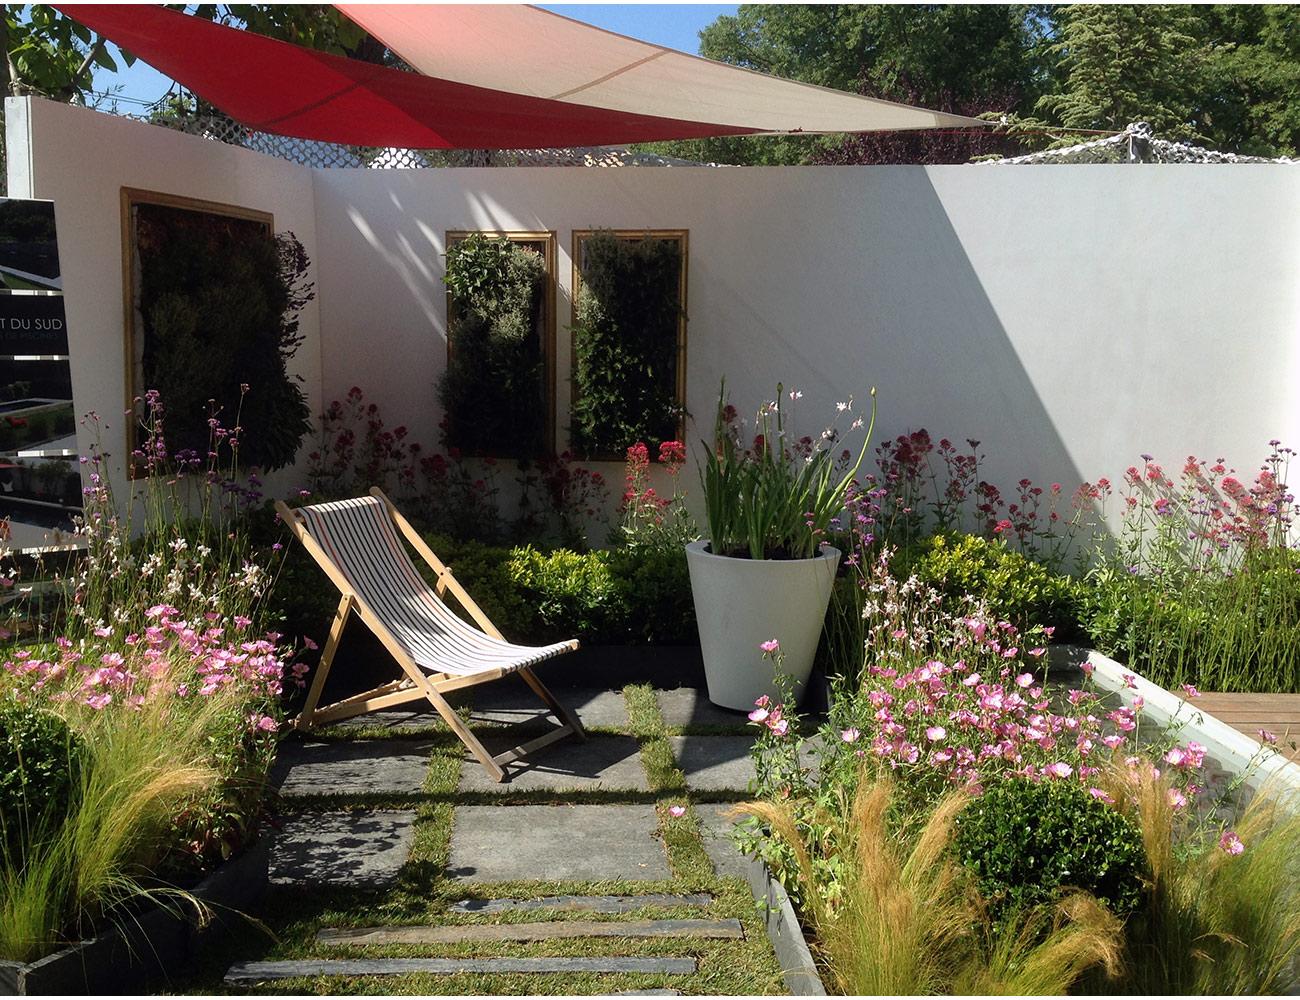 Tableau végétal et espace détente zen - Architecte paysagiste concepteur Montpellier